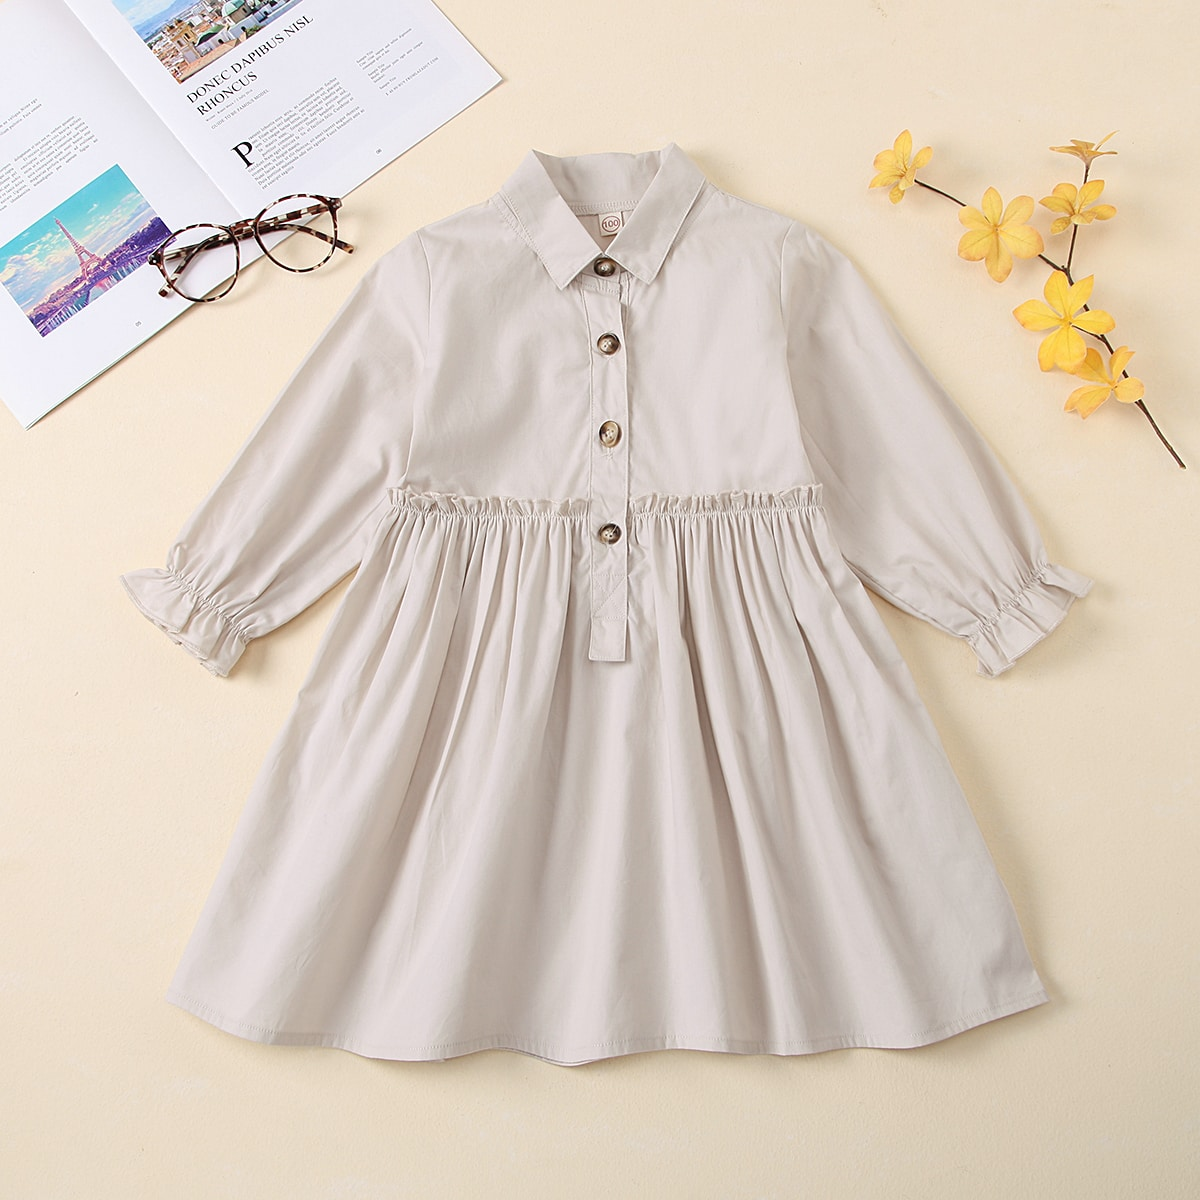 Оборка одноцветный повседневный платья для девочек